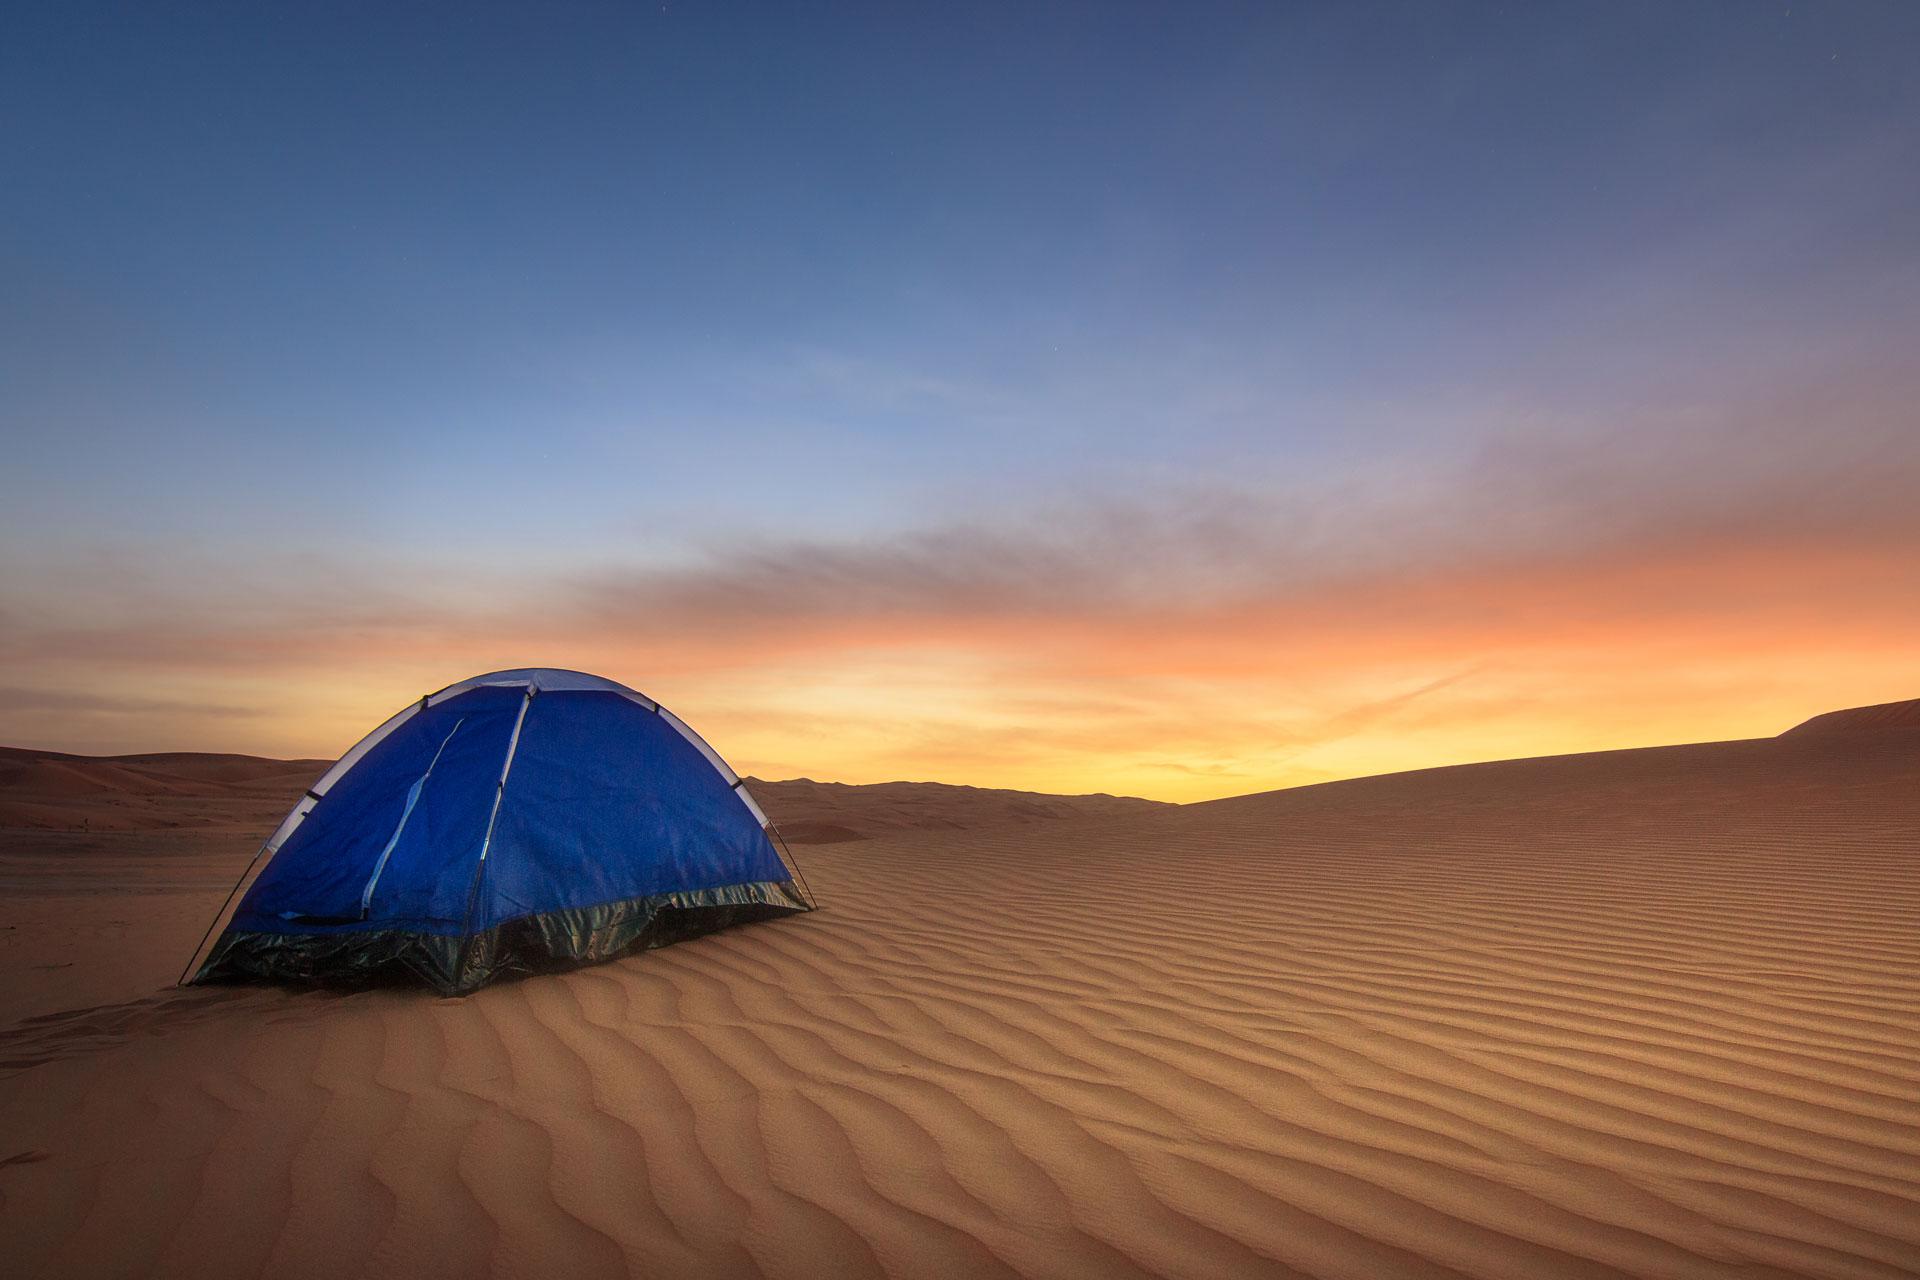 Sleep in the desert